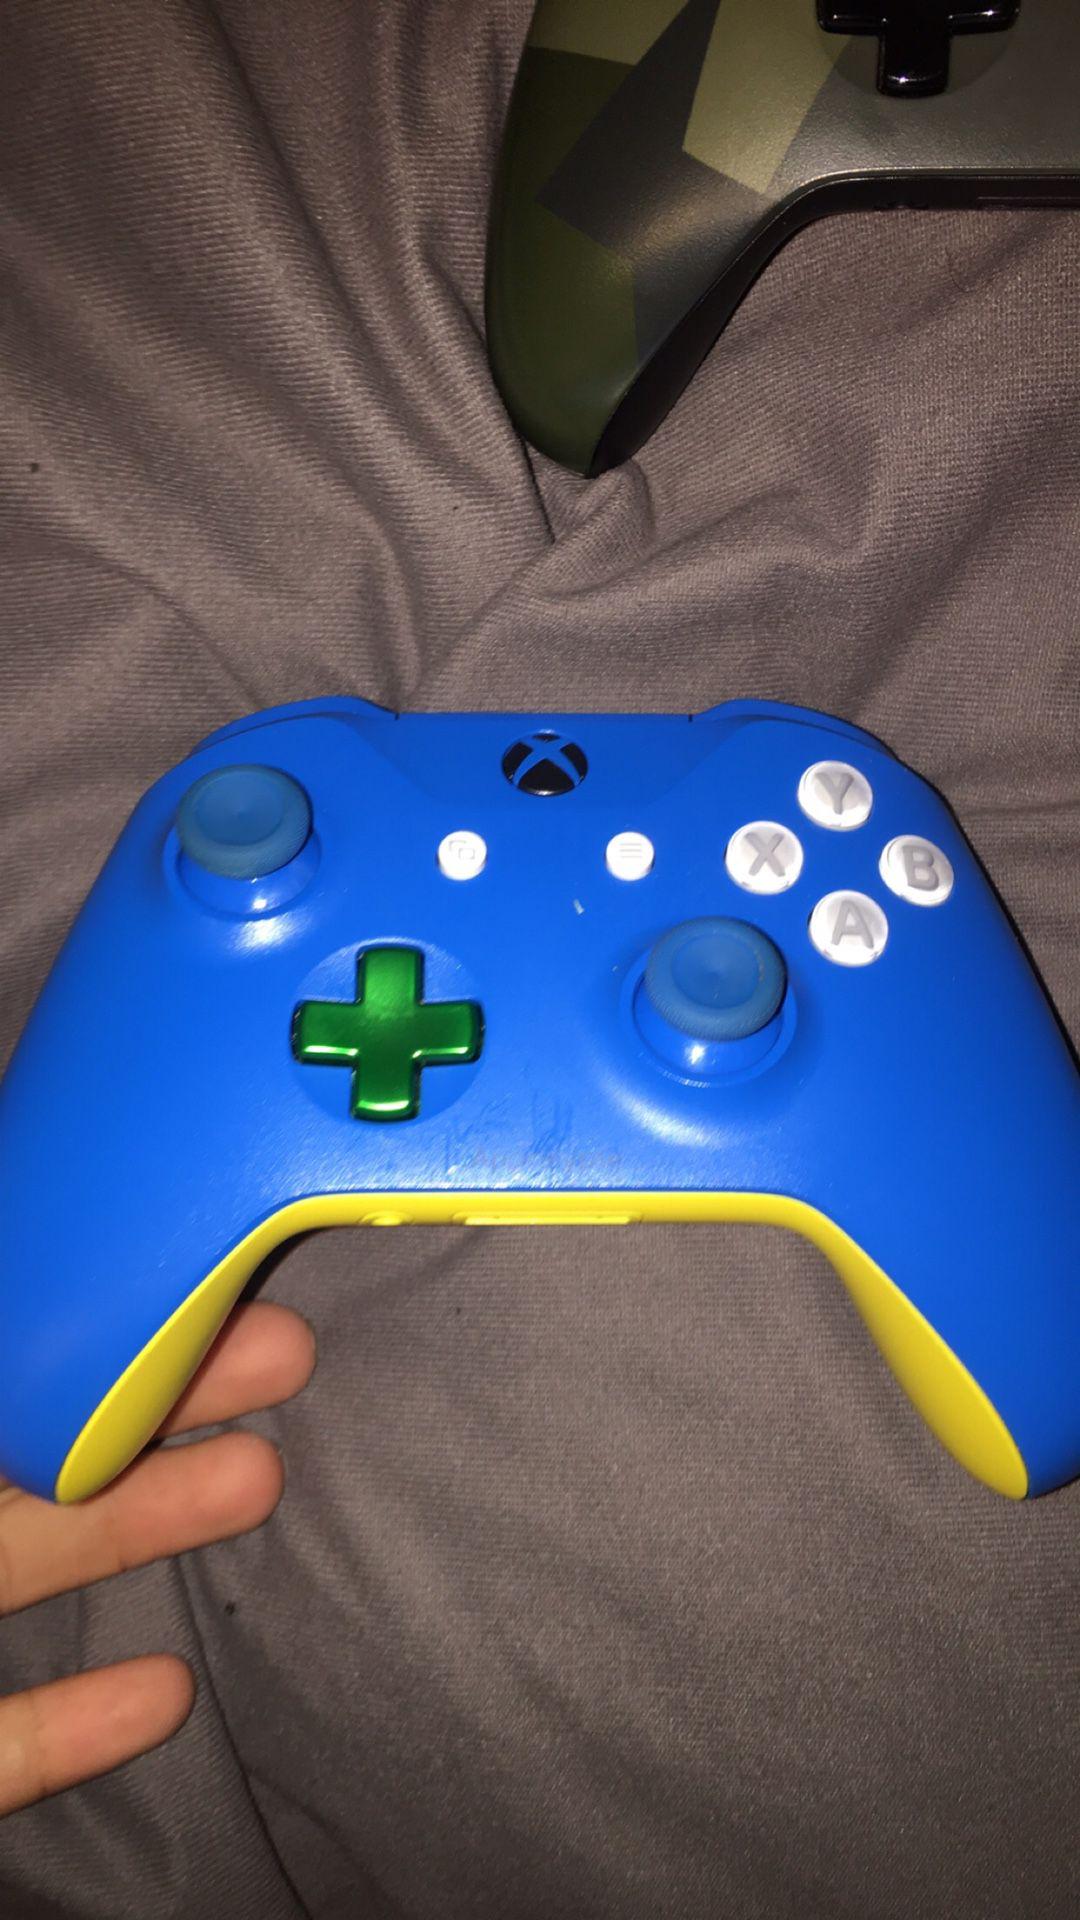 3 Xbox remotes